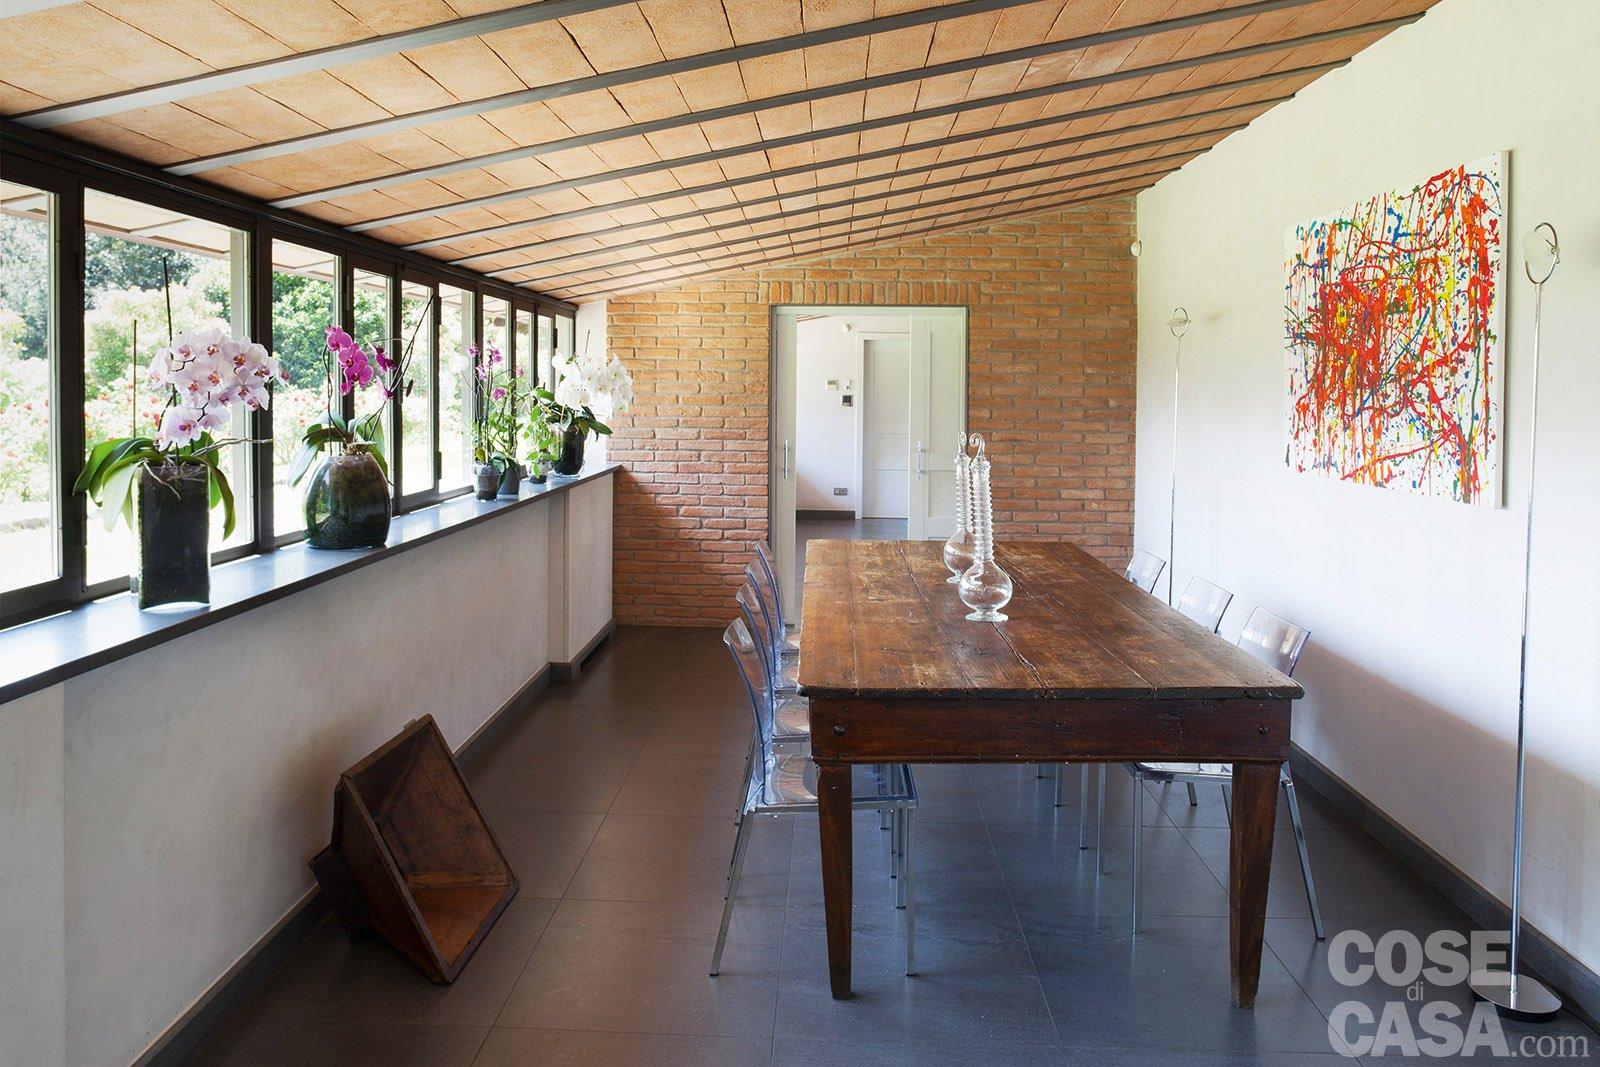 Da serra a open space una casa che si sviluppa in lunghezza cose di casa - Tavolo policarbonato ...